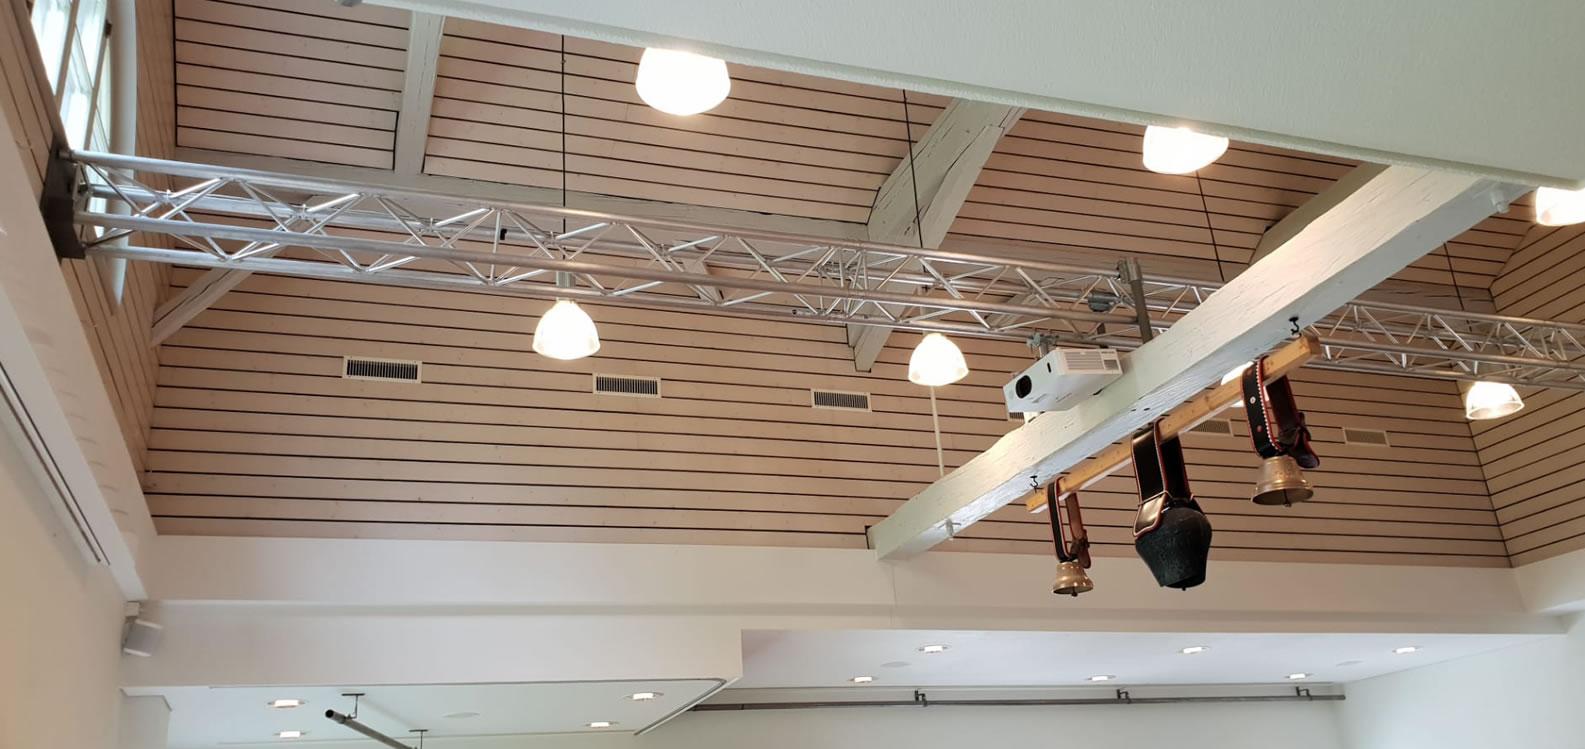 Für Ihren Betreibe das Beste. Beamer und Lichter mit Traversen befestigt. Elegante und stabile Lösung für Ihren Betrieb. USL Schweiz